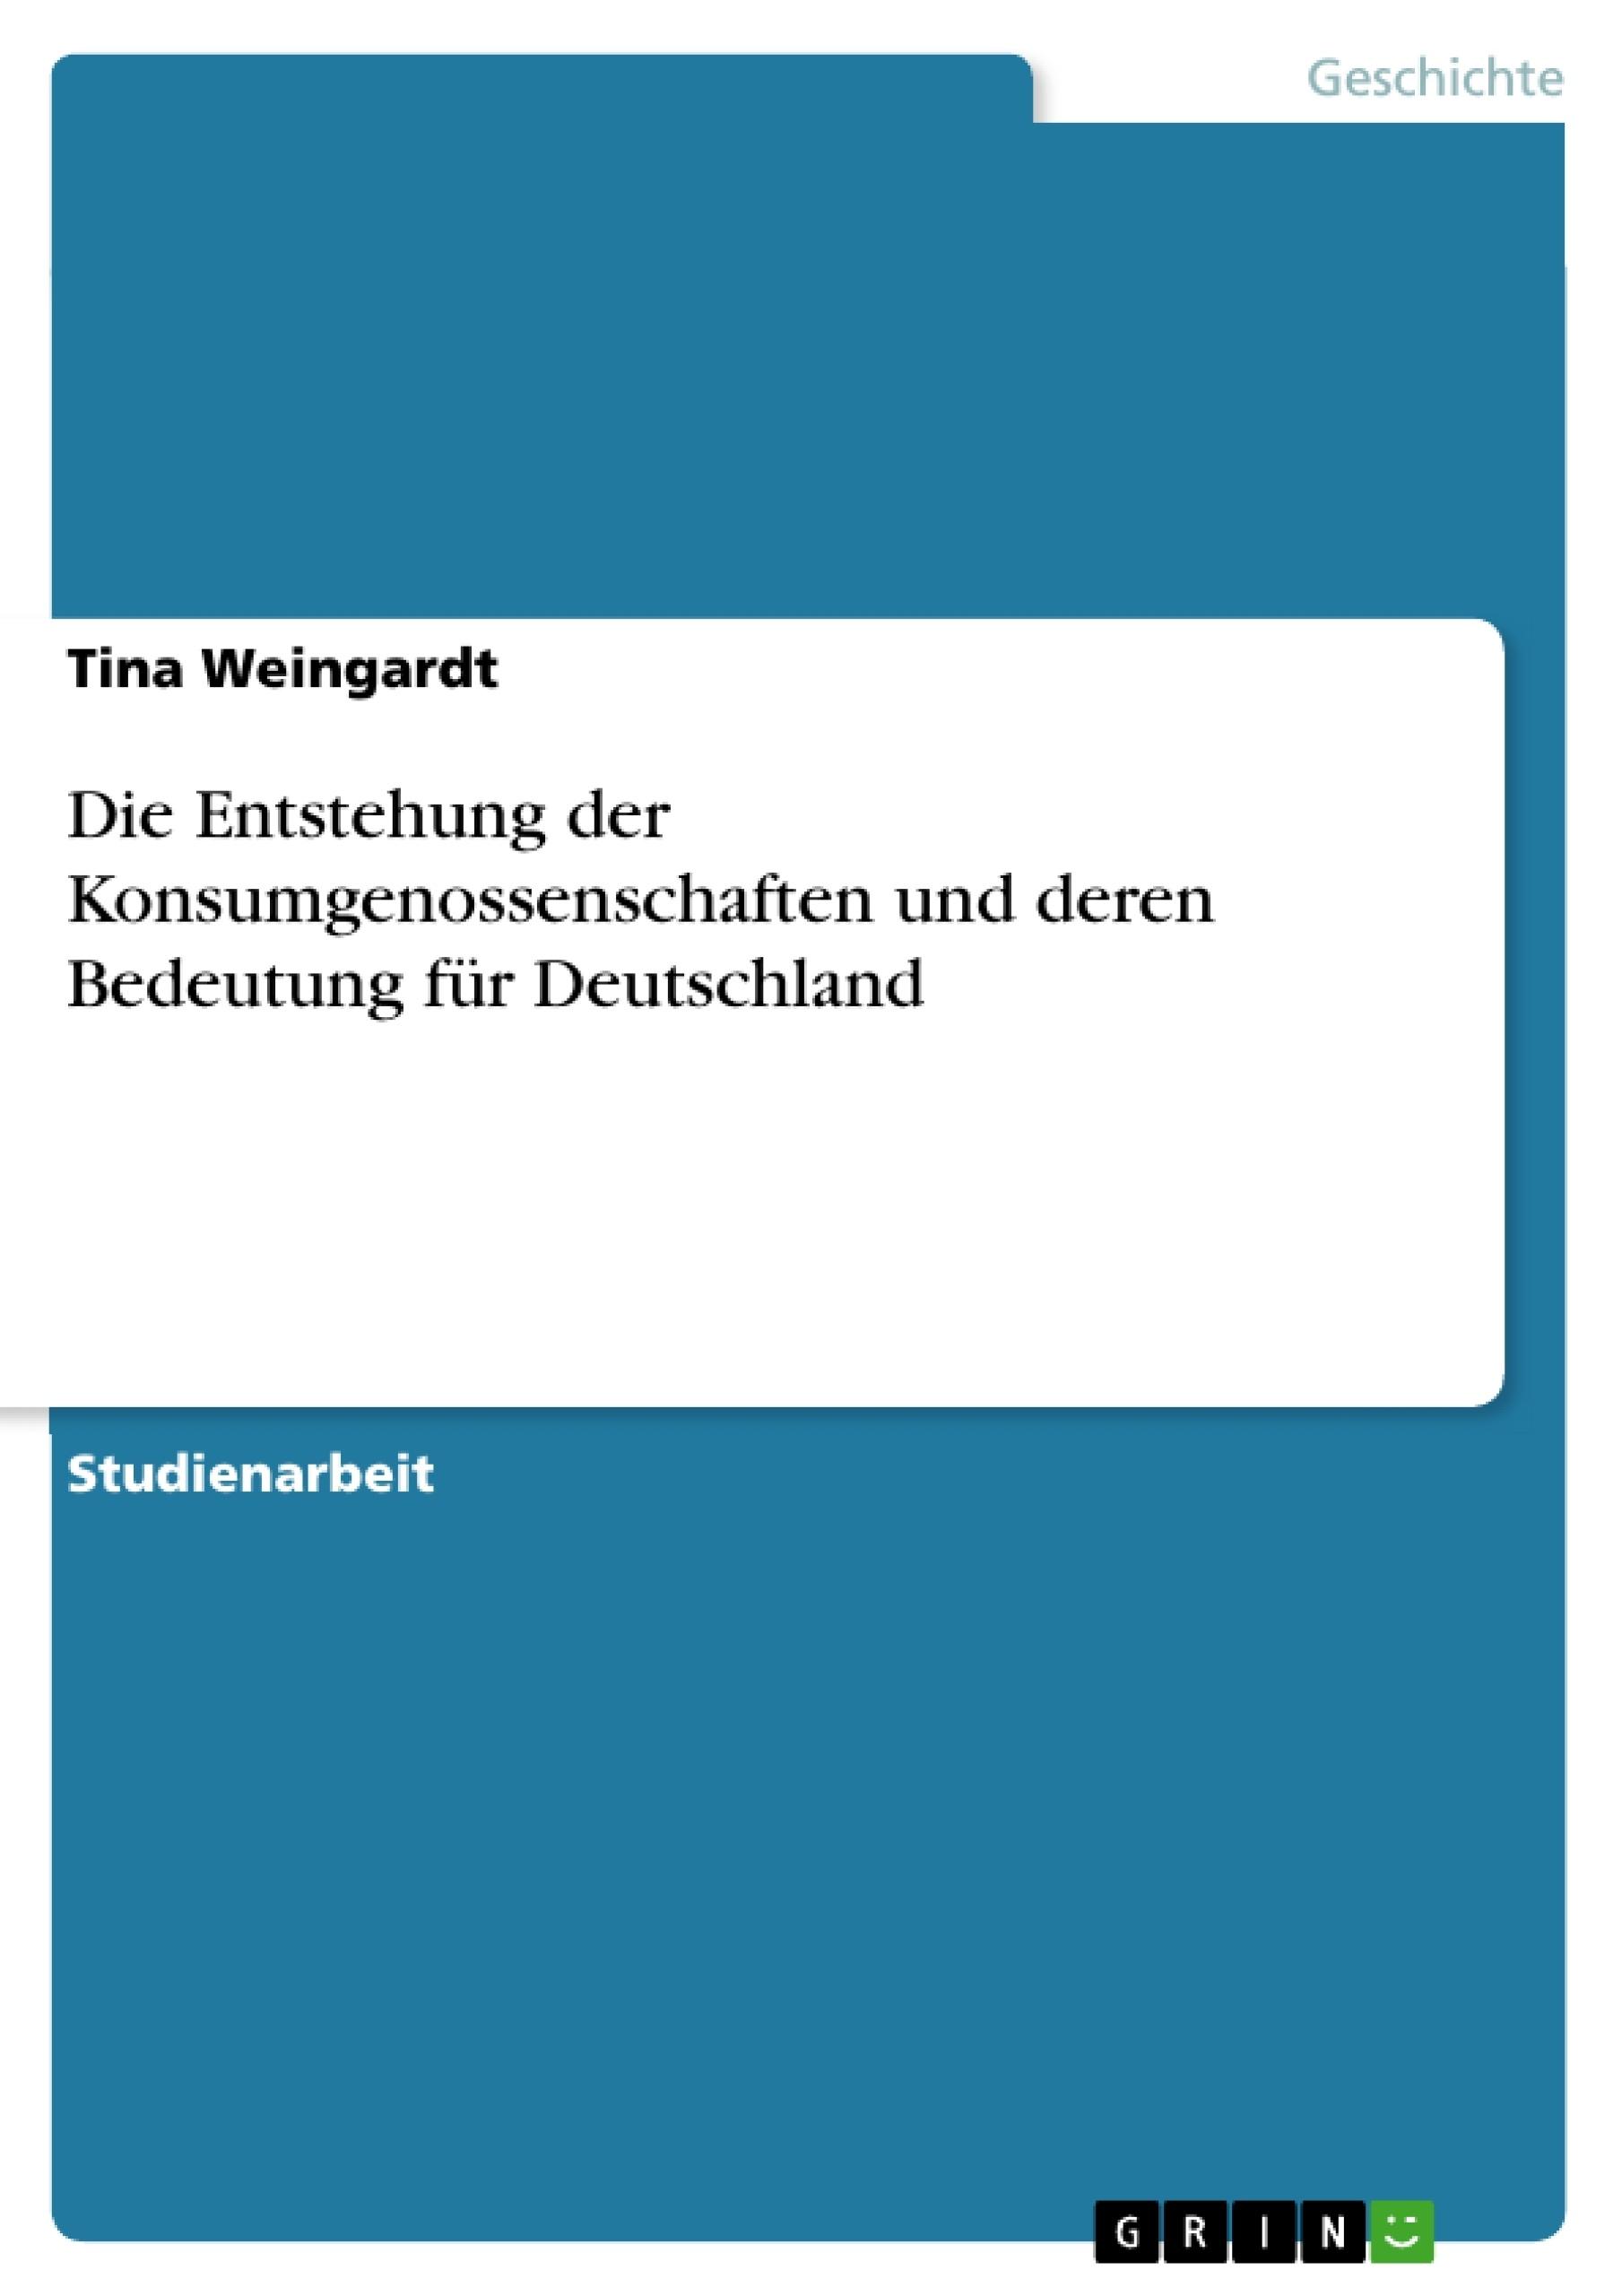 Titel: Die Entstehung der Konsumgenossenschaften und deren Bedeutung für Deutschland